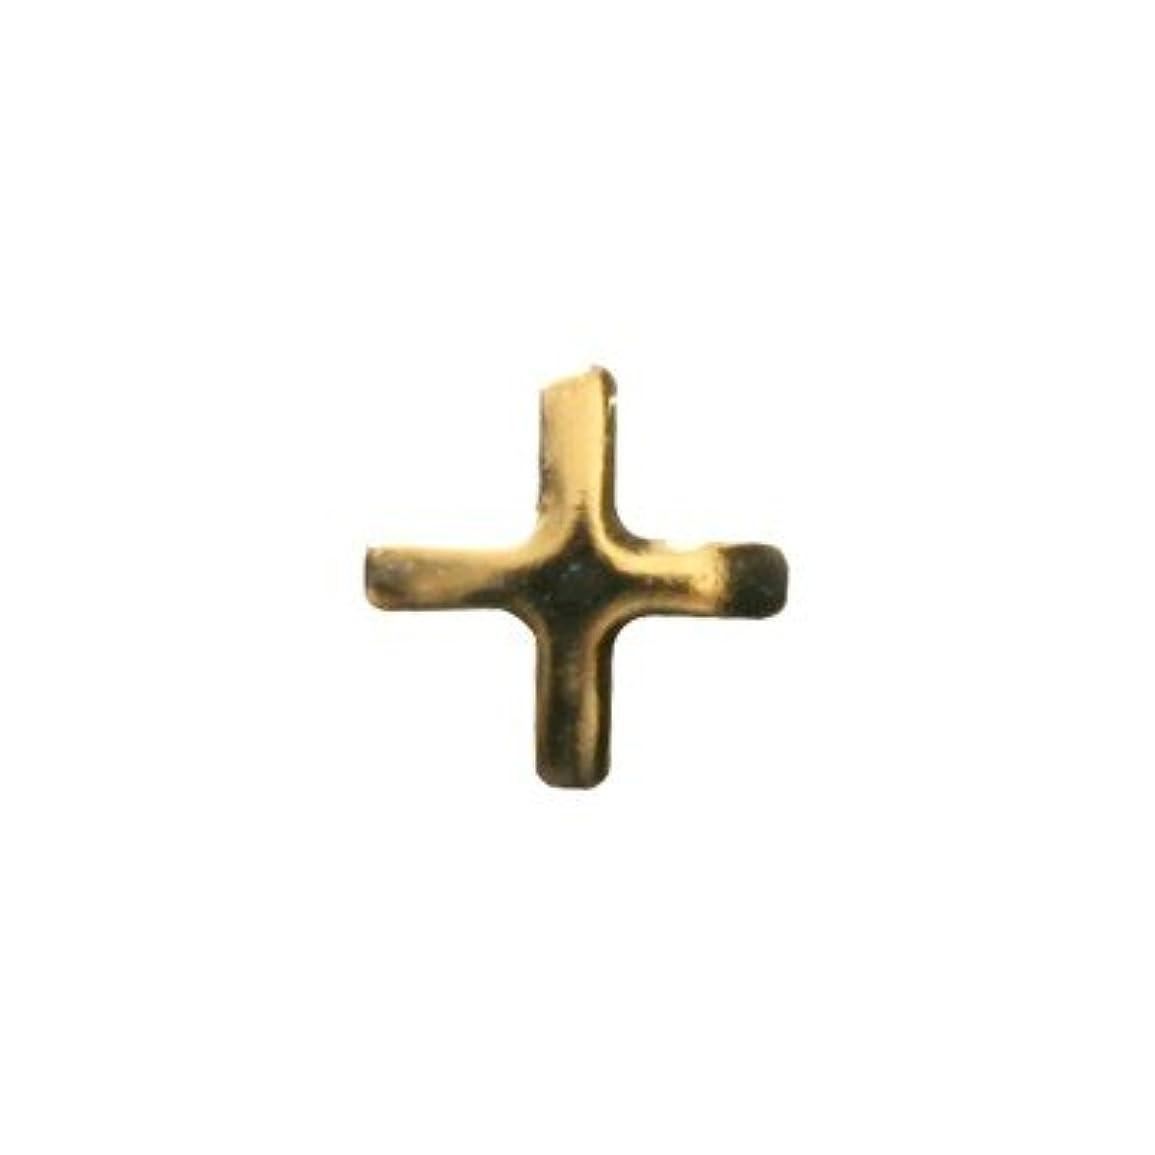 アセンブリエレガント遵守するピアドラ スタッズ クロスレット ハーフ 3mm 50P ゴールド